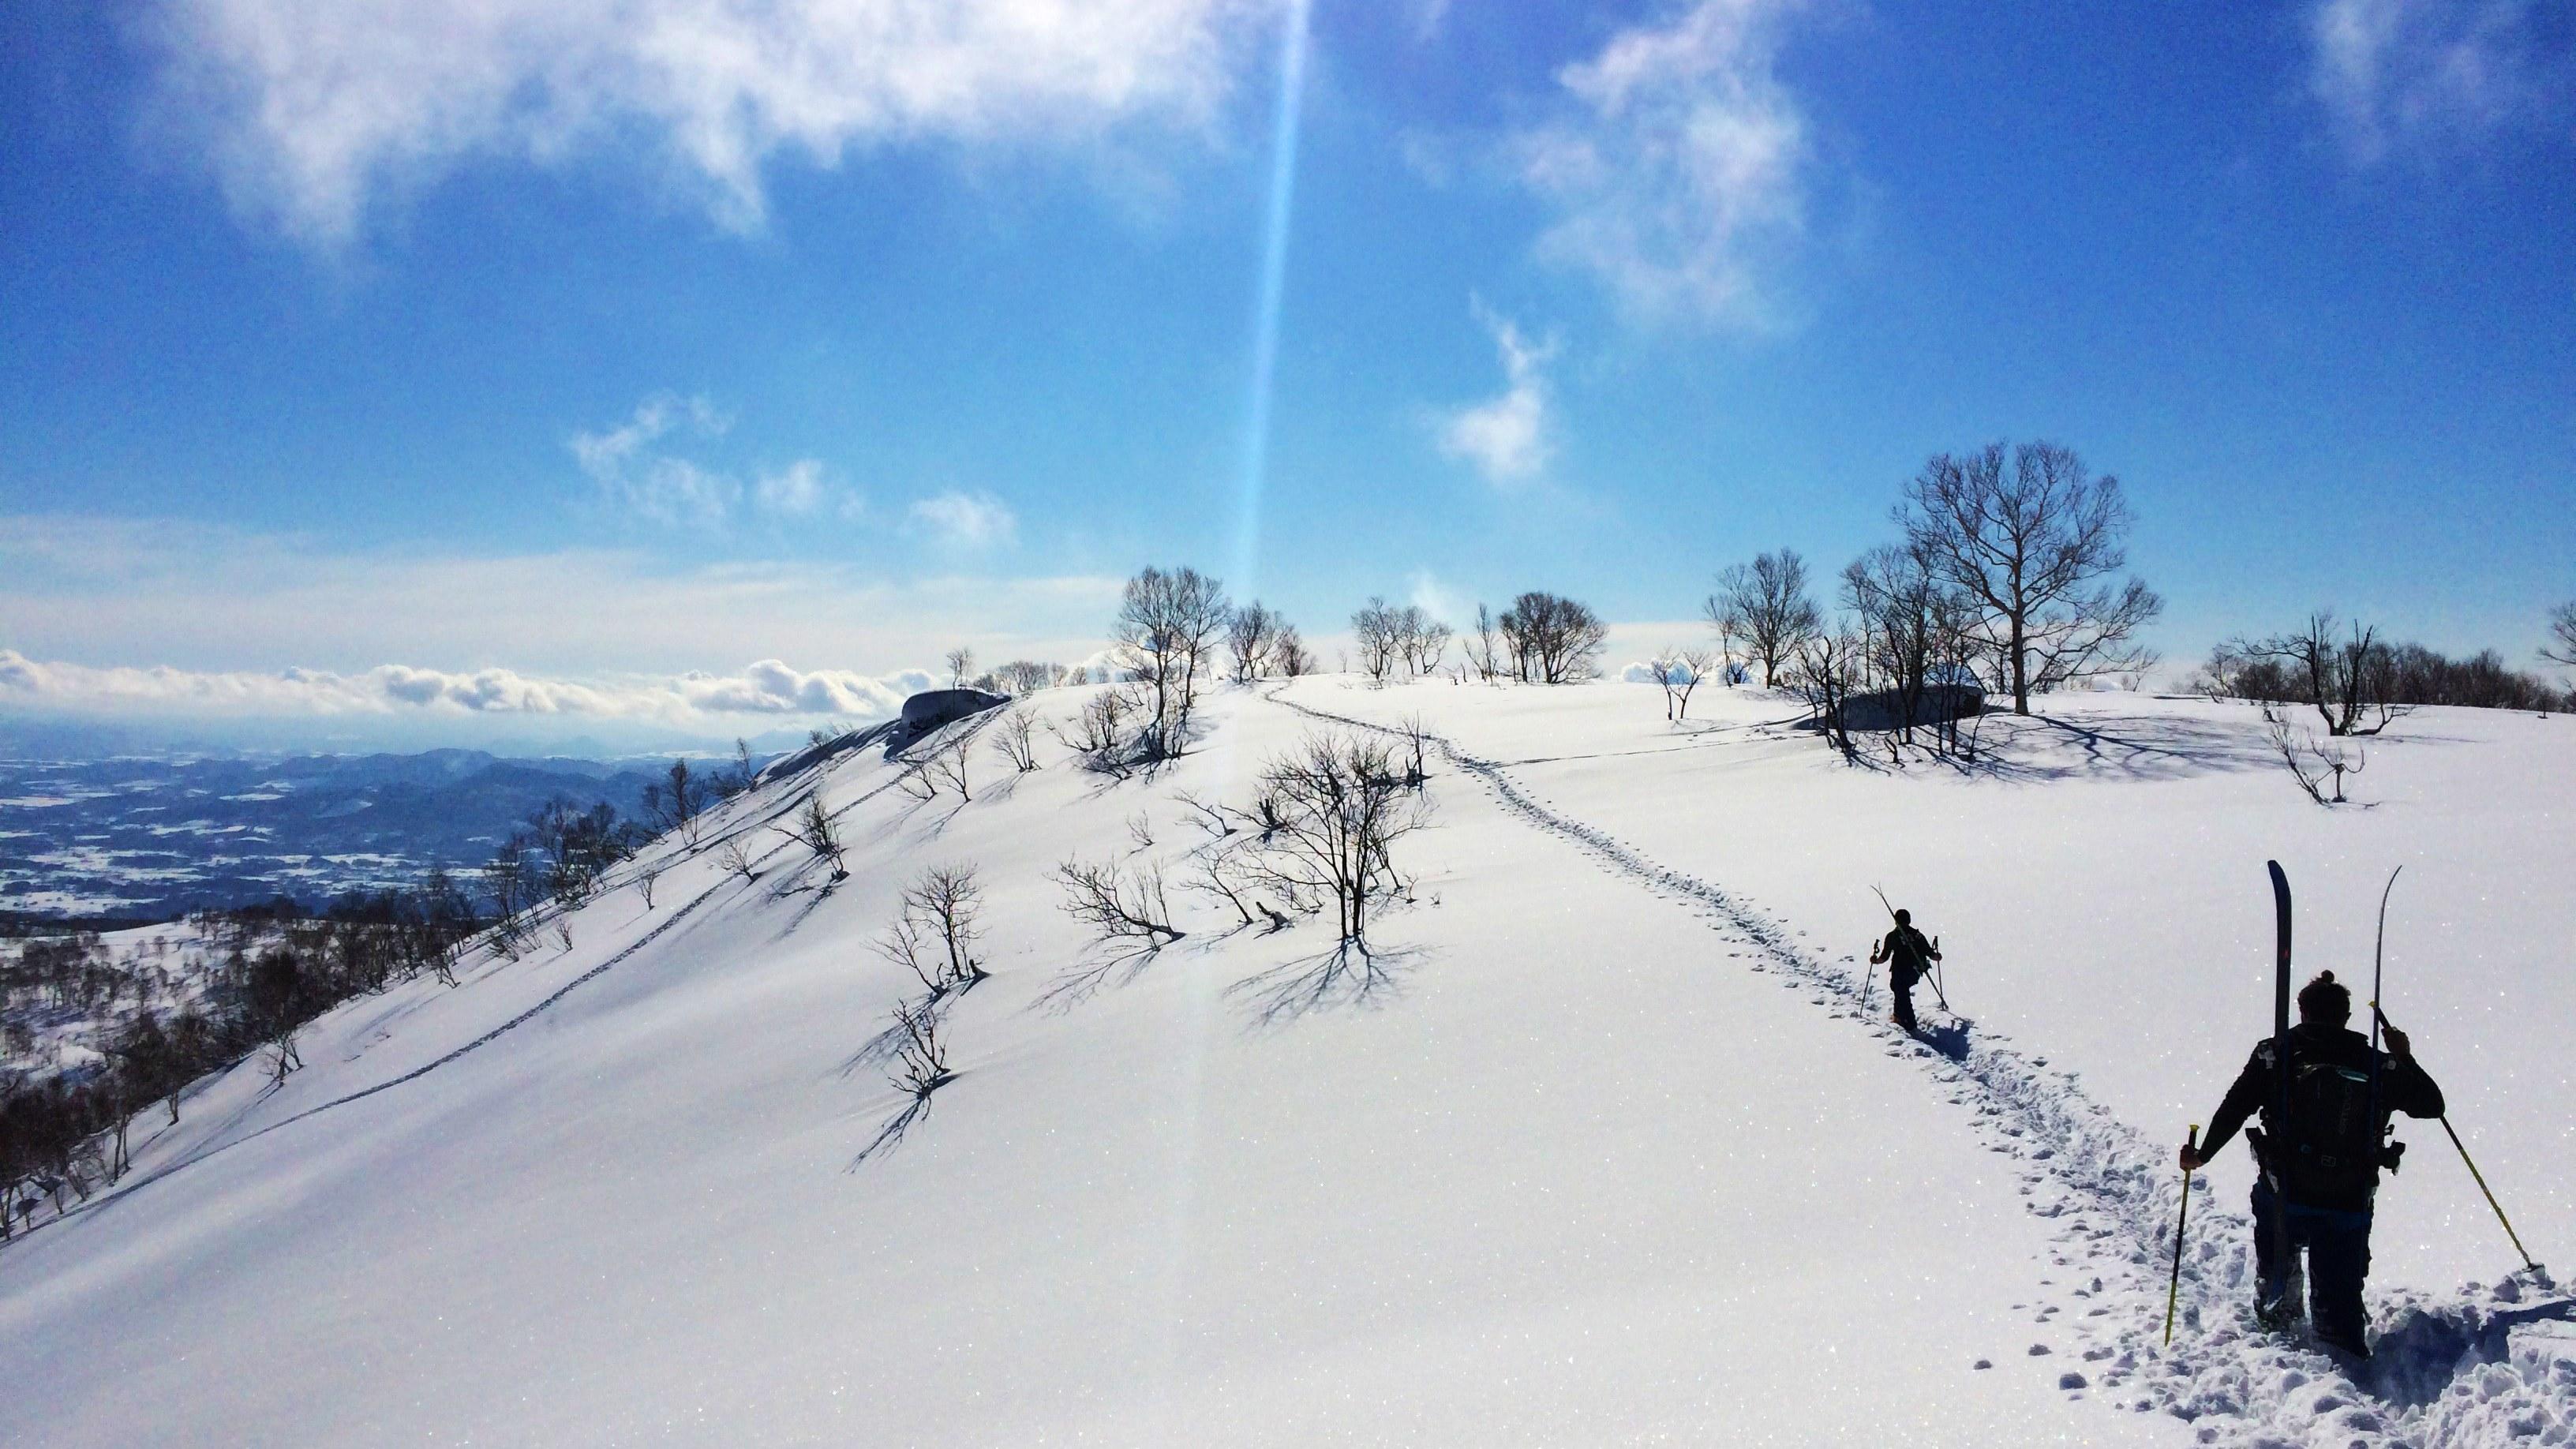 Niseko backcountry